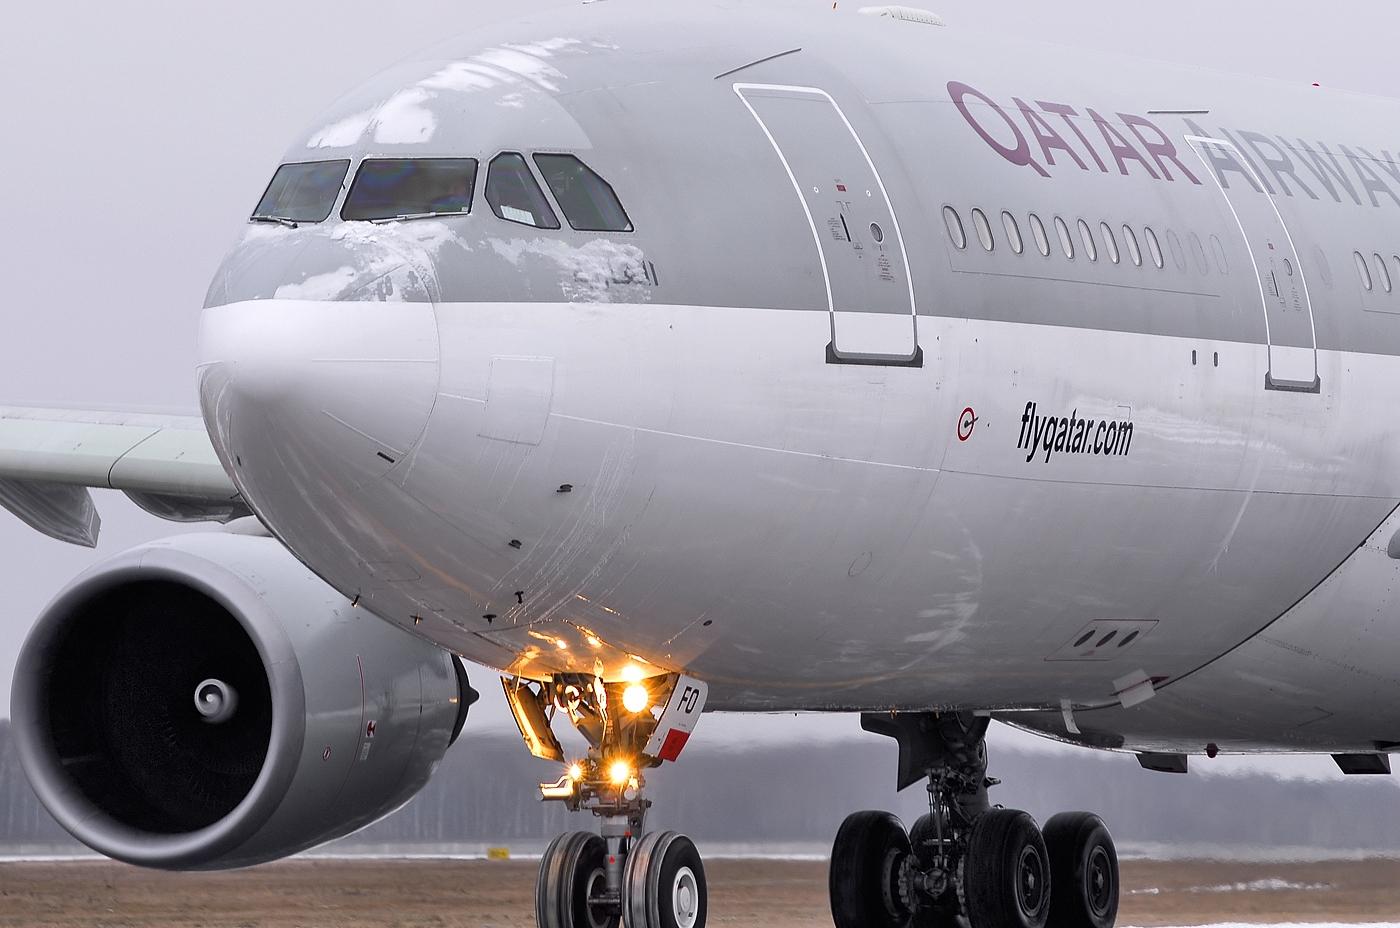 http://1.bp.blogspot.com/_ja676MG45Zg/TSXOpWDnhgI/AAAAAAAAE1c/zeJzA0bNrd4/s1600/a330-200-qatarairways-taxiing.jpg